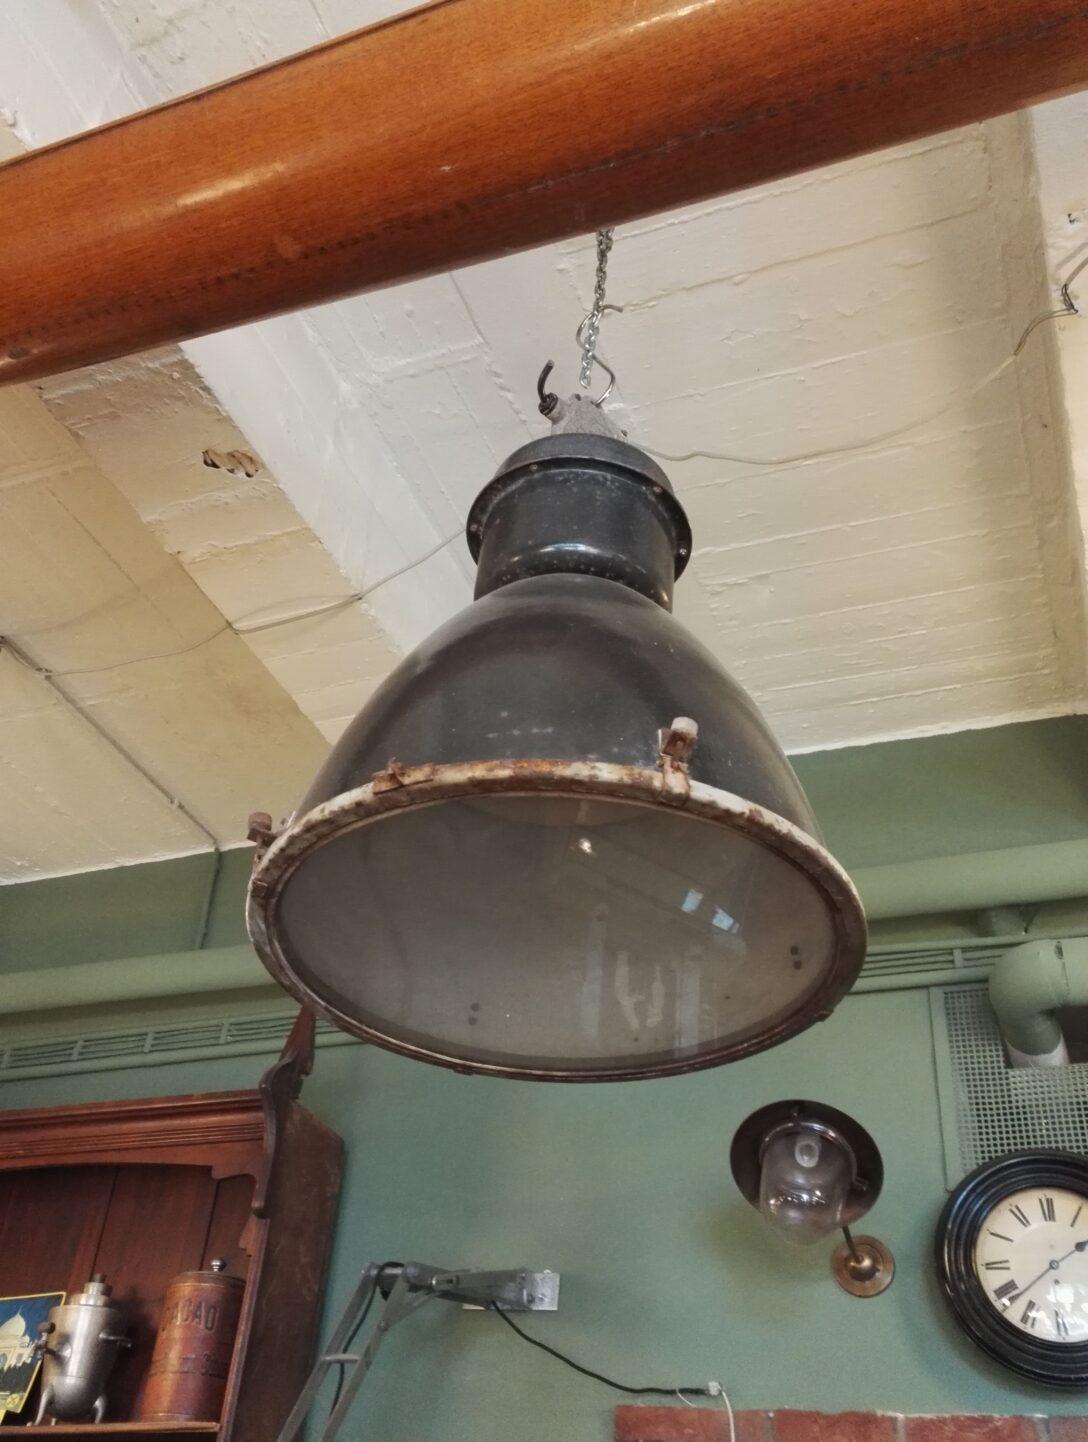 Large Size of Deckenlampe Wohnzimmer Modern Deckenlampen Vintageindustrialindustrielampedeckenleuchtedeckenlampe Dekoration Deckenleuchten Großes Bild Fototapeten Wohnzimmer Deckenlampe Wohnzimmer Modern